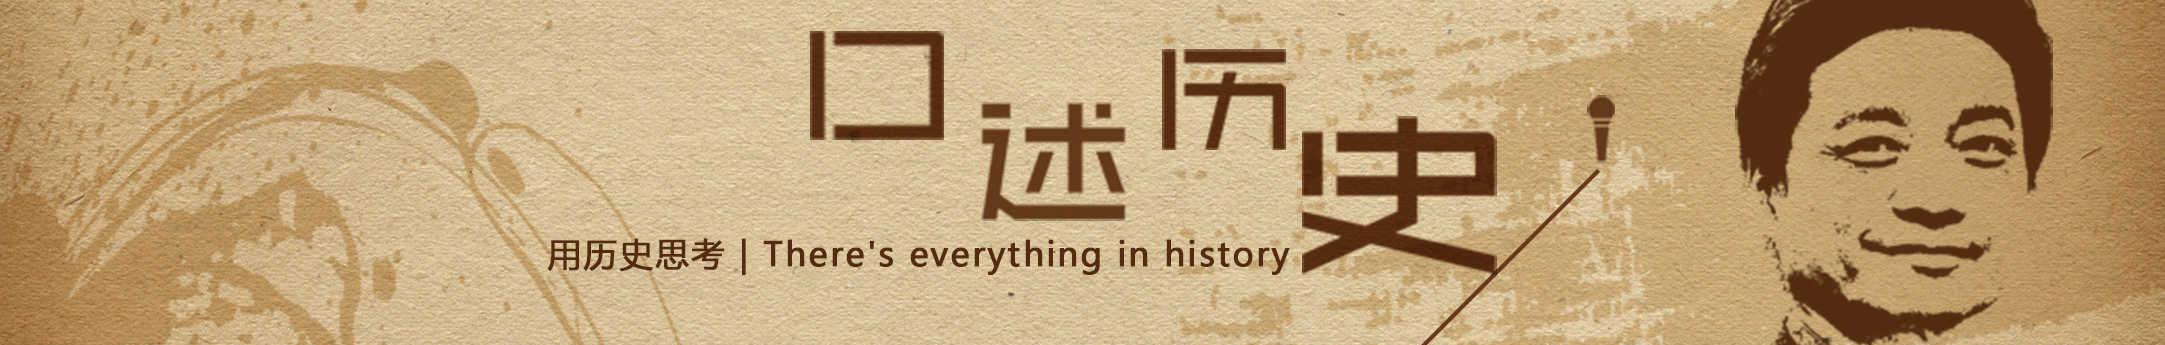 口述历史频道 banner